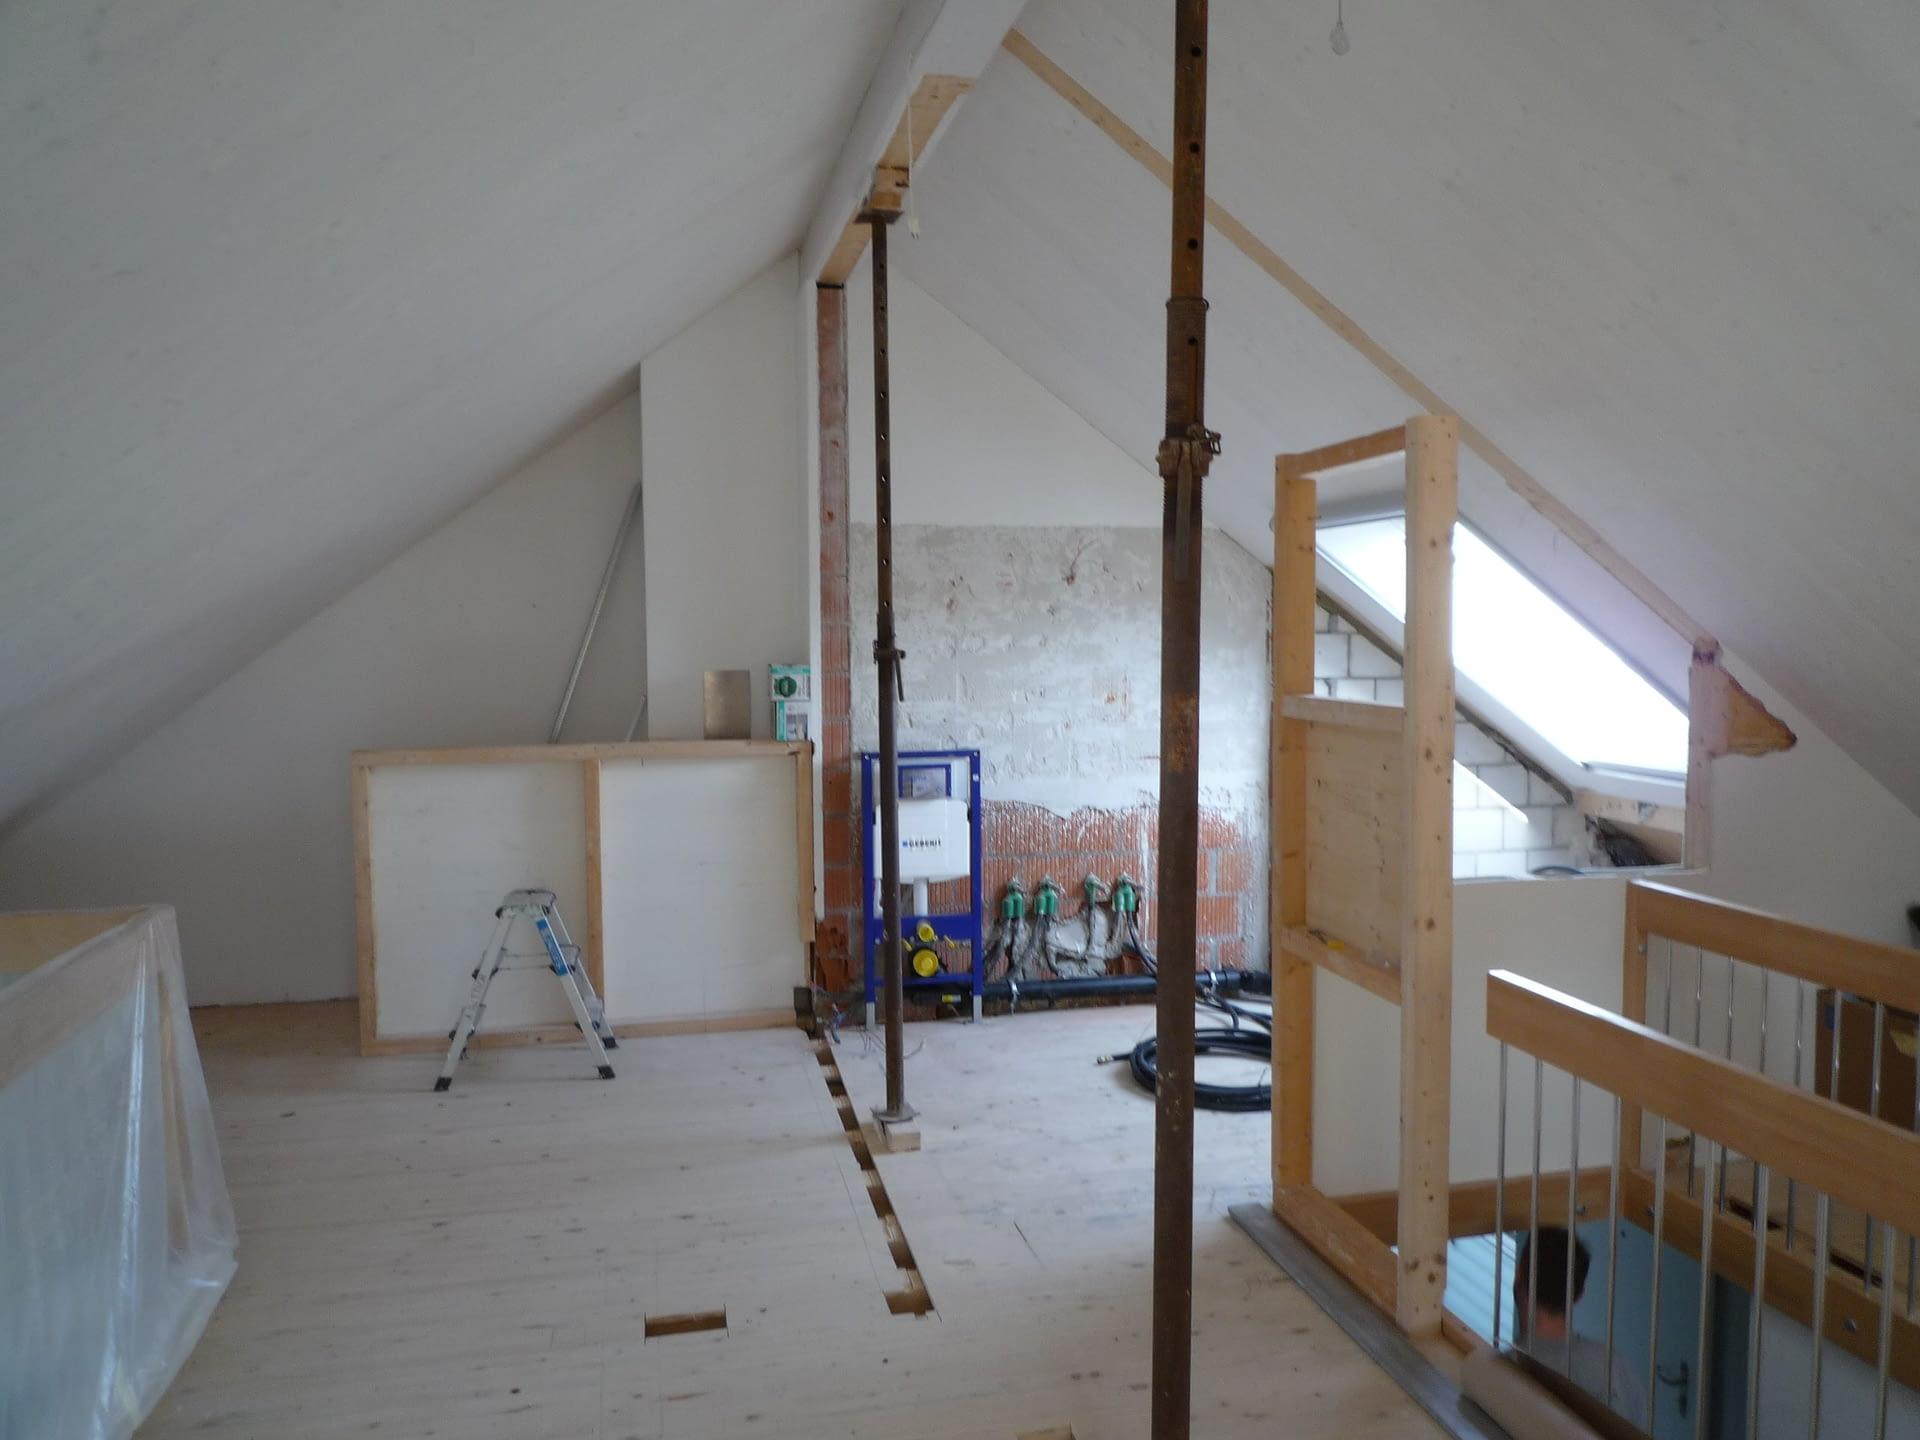 Vorherbild des Umbaus eines Dachstockwerks. Es ist noch eine Baustelle